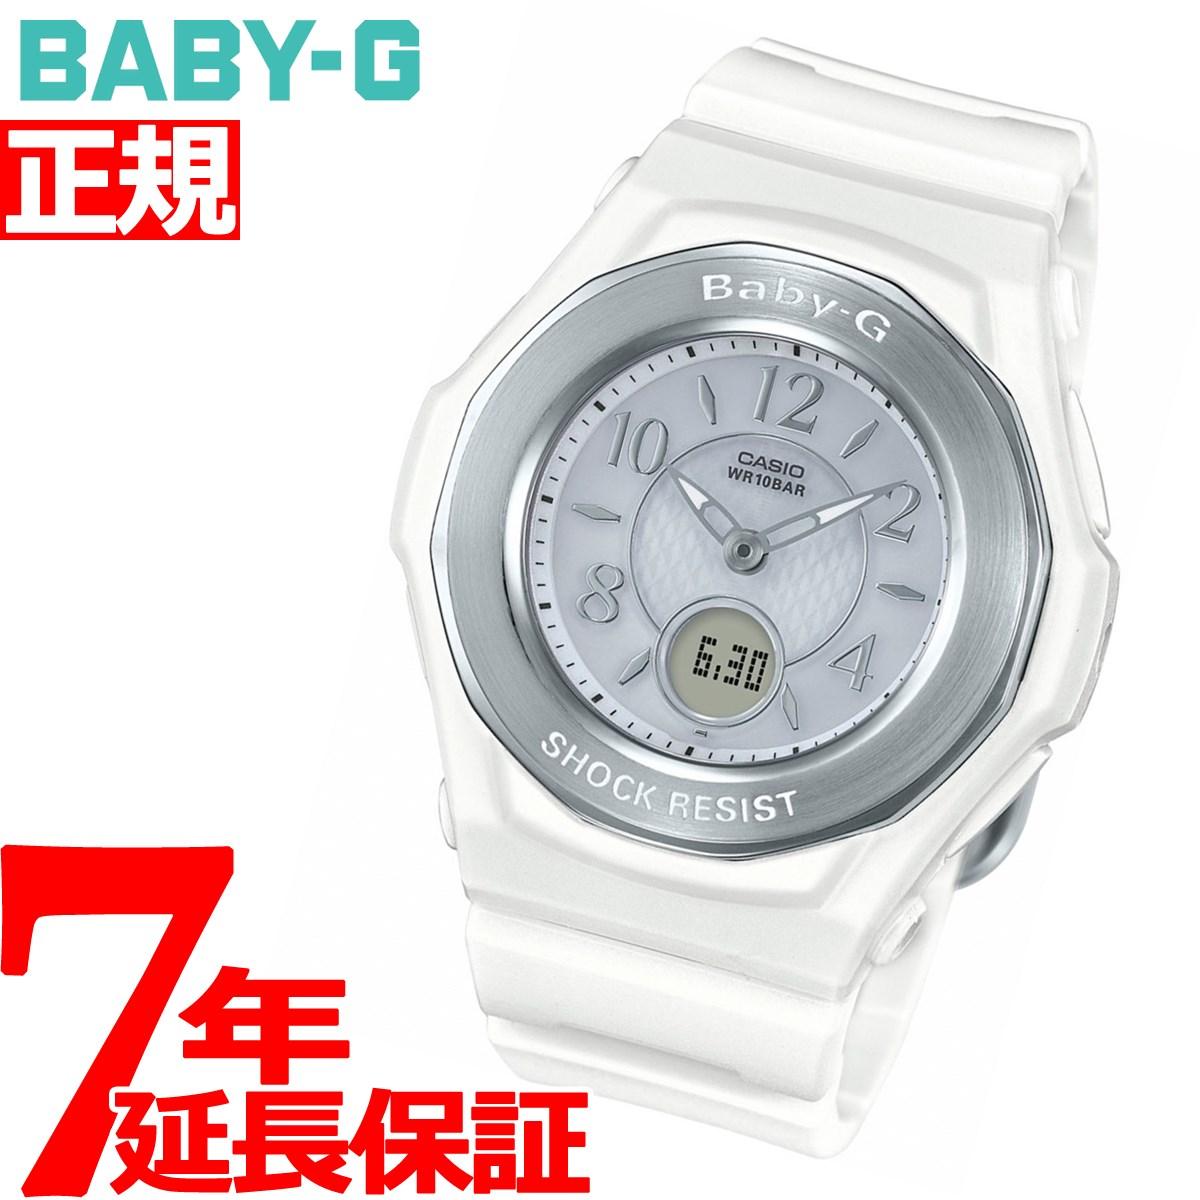 カシオ ベビーG CASIO BABY-G 電波 ソーラー 電波時計 腕時計 レディース タフソーラー BGA-1050-7BJF